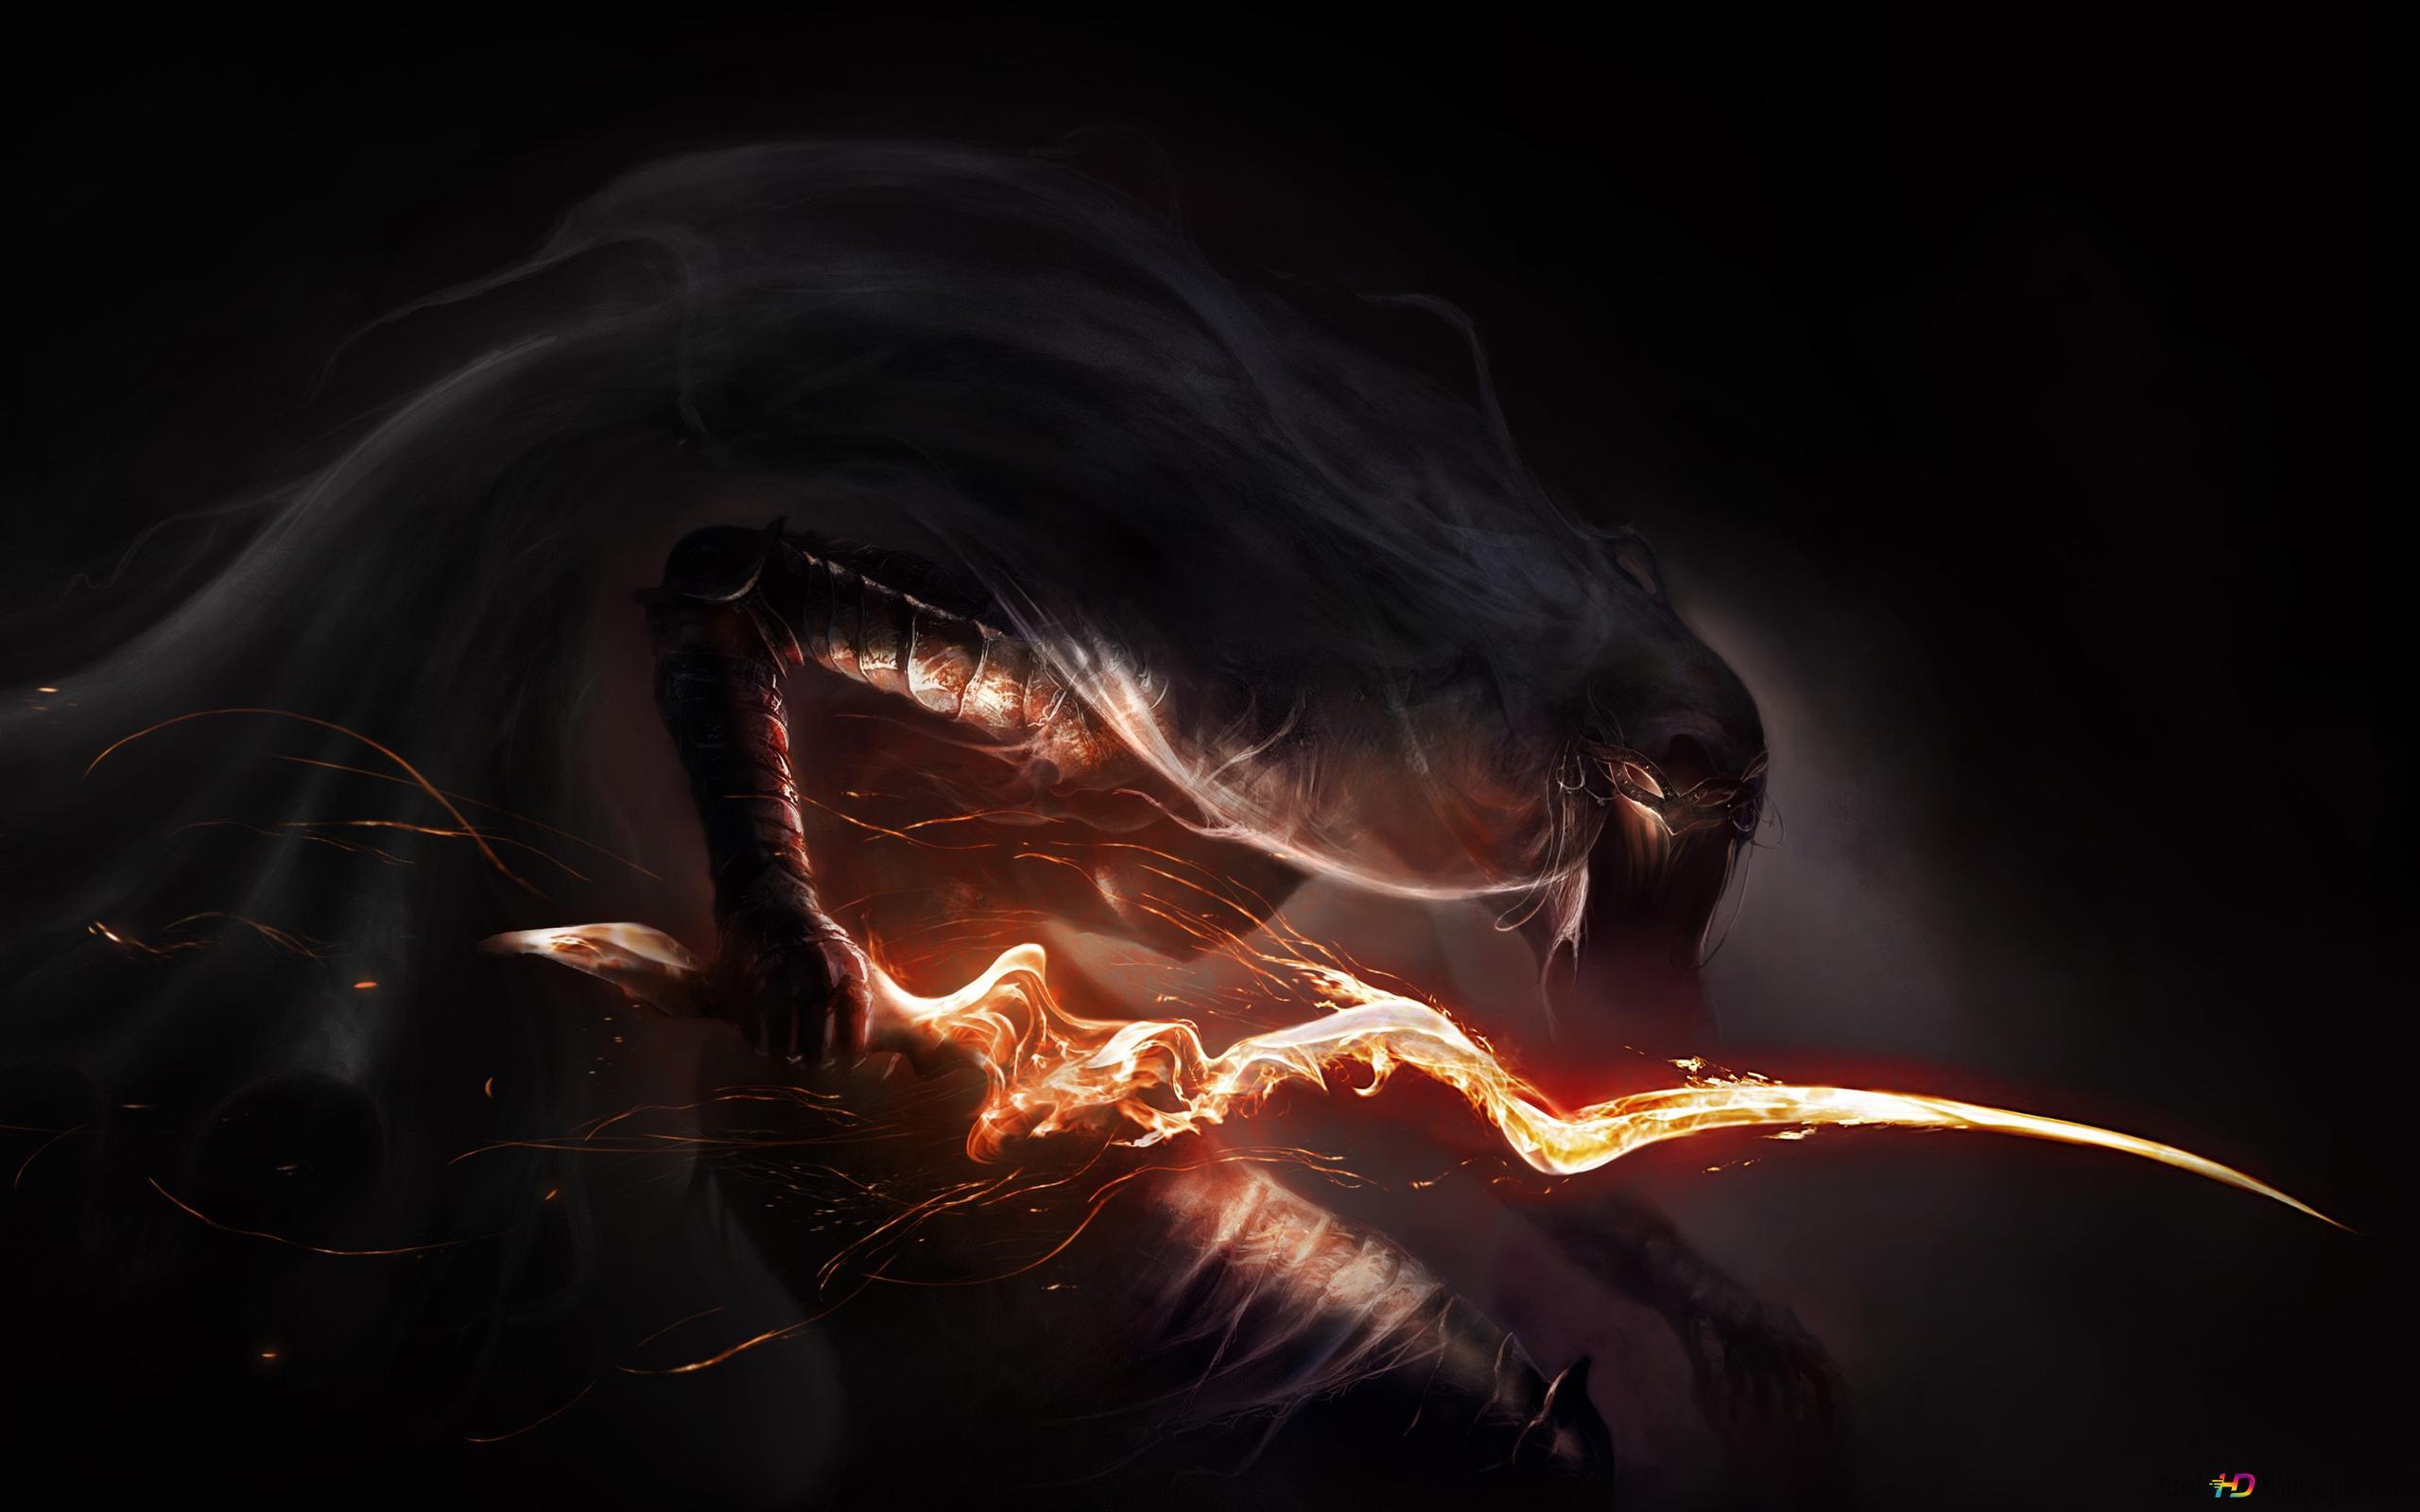 Dark Souls Iii Dark Spirit Hd Wallpaper Download